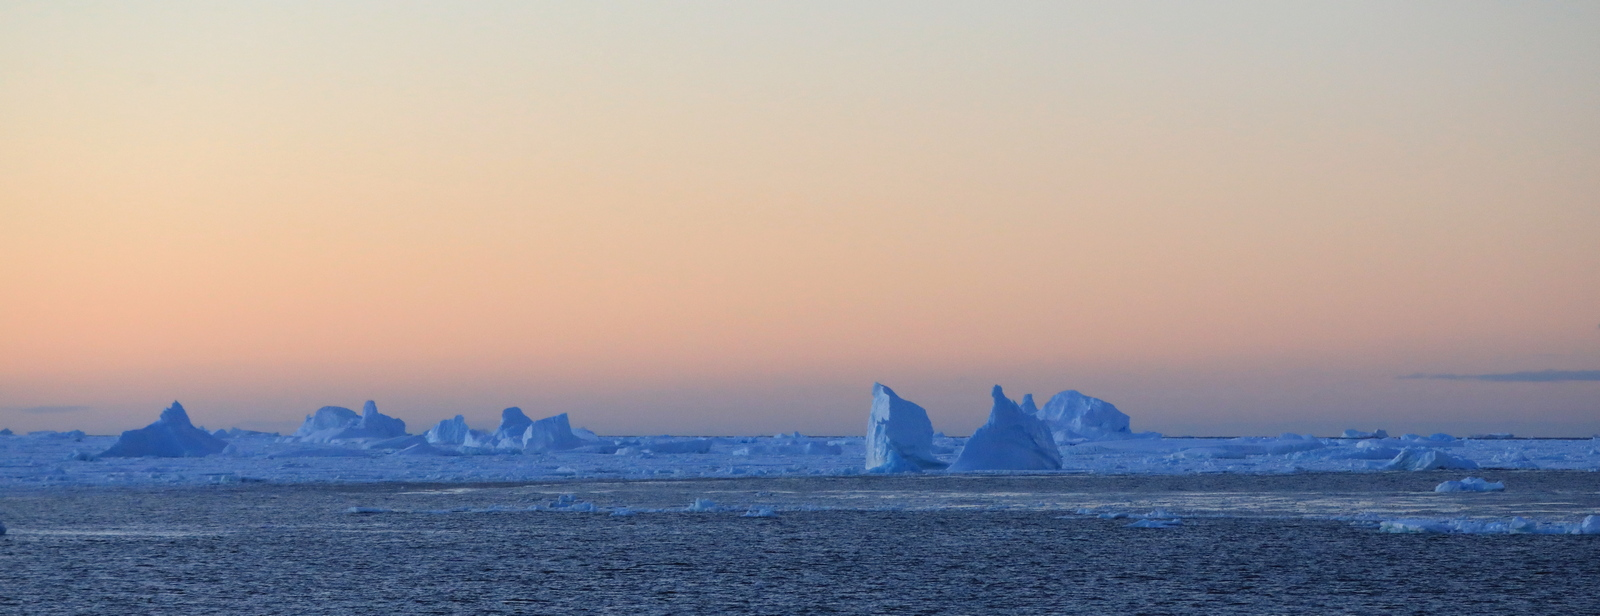 1702_Antarctique_03310_c1_sm.jpg